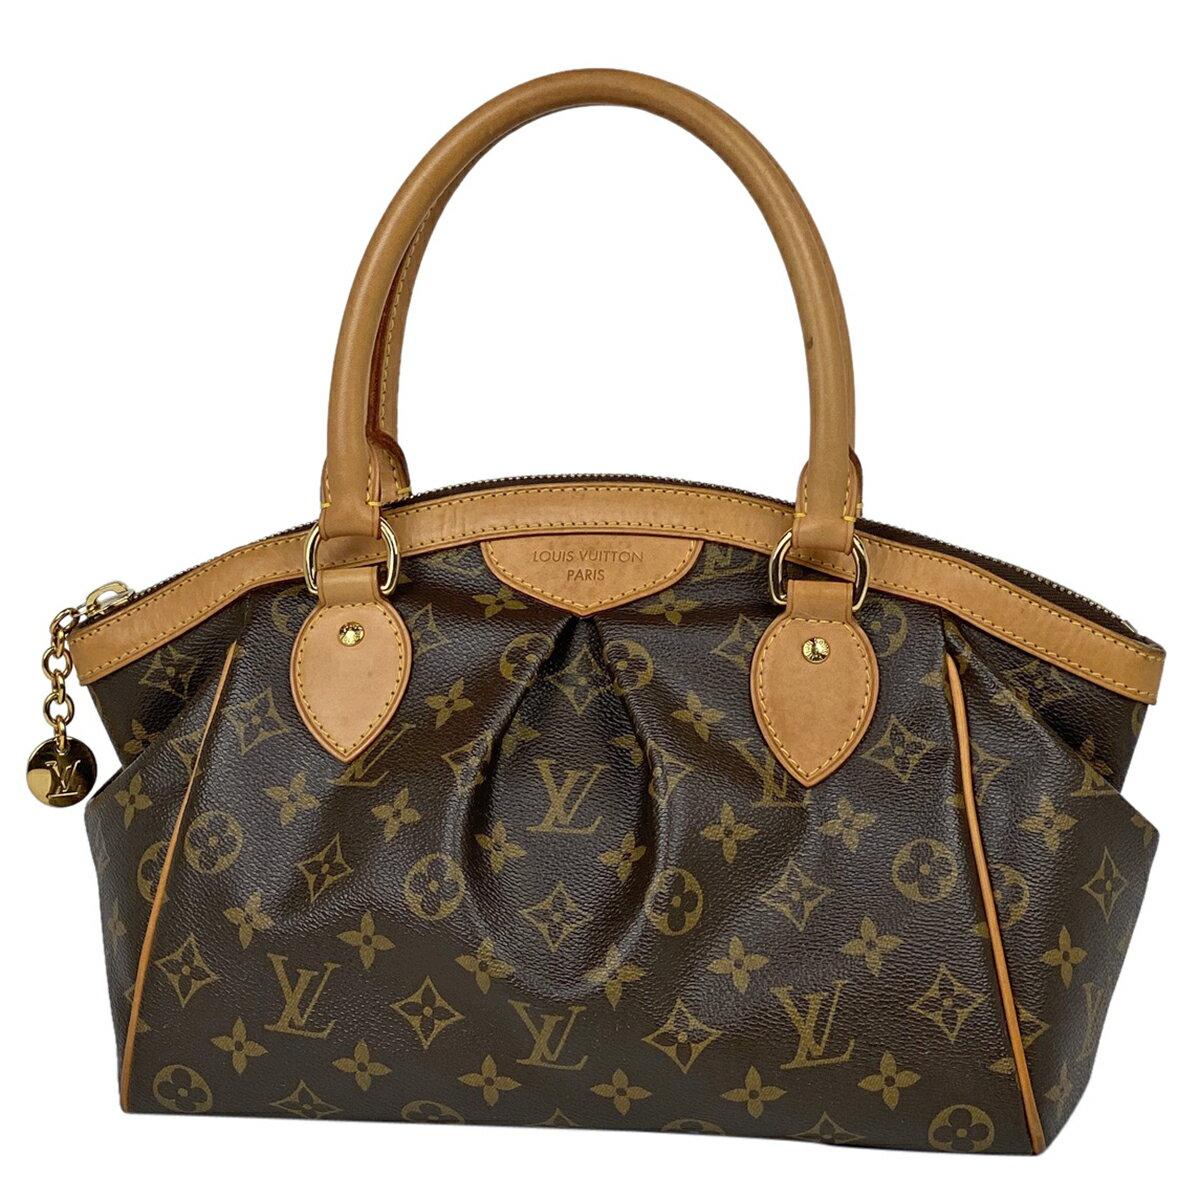 レディースバッグ, ハンドバッグ  Louis Vuitton PM M40143